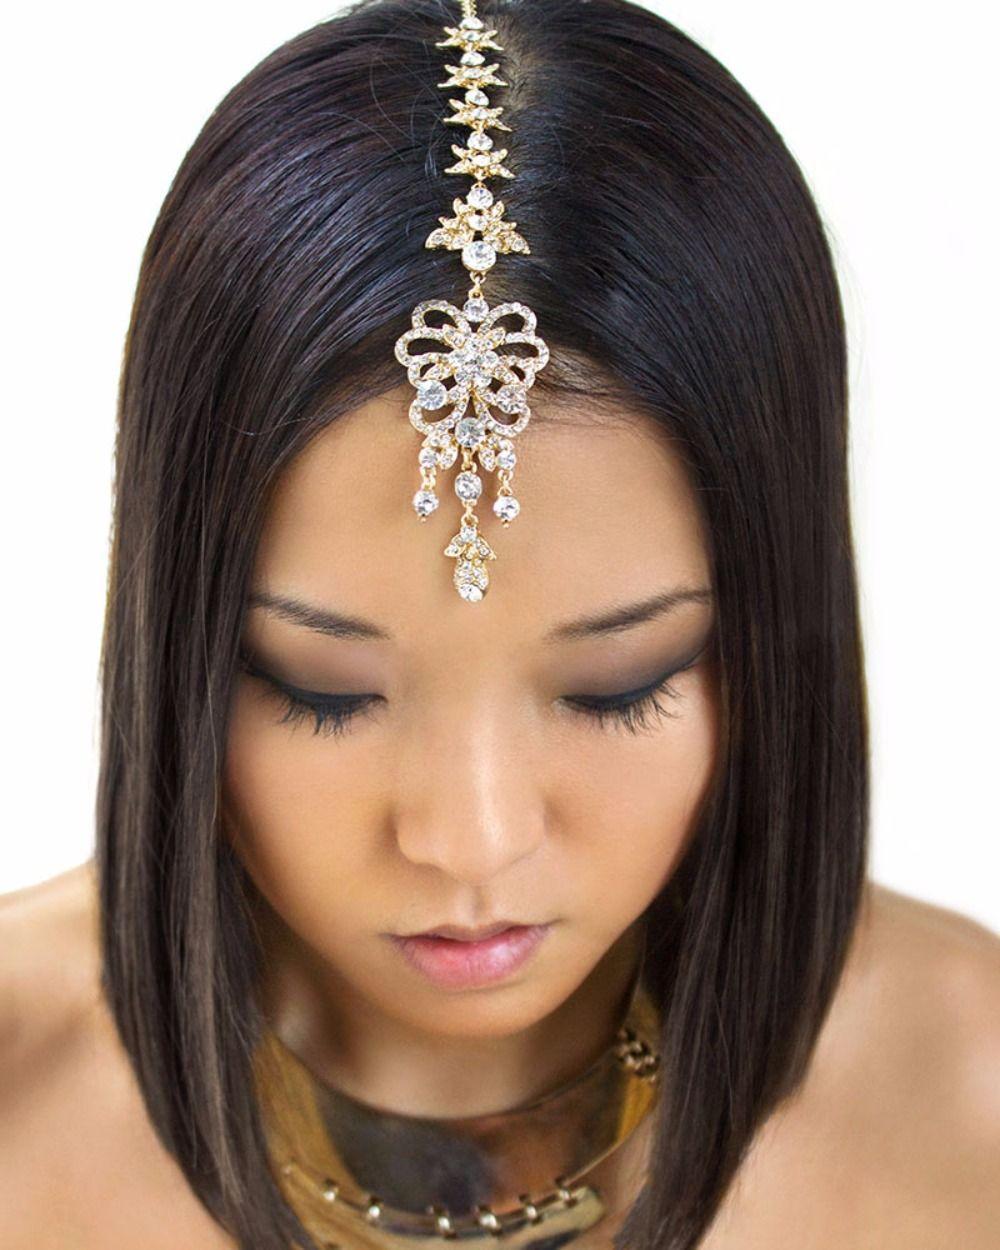 30 Etsy Hair Accessories Wedding hair accessories, Hair